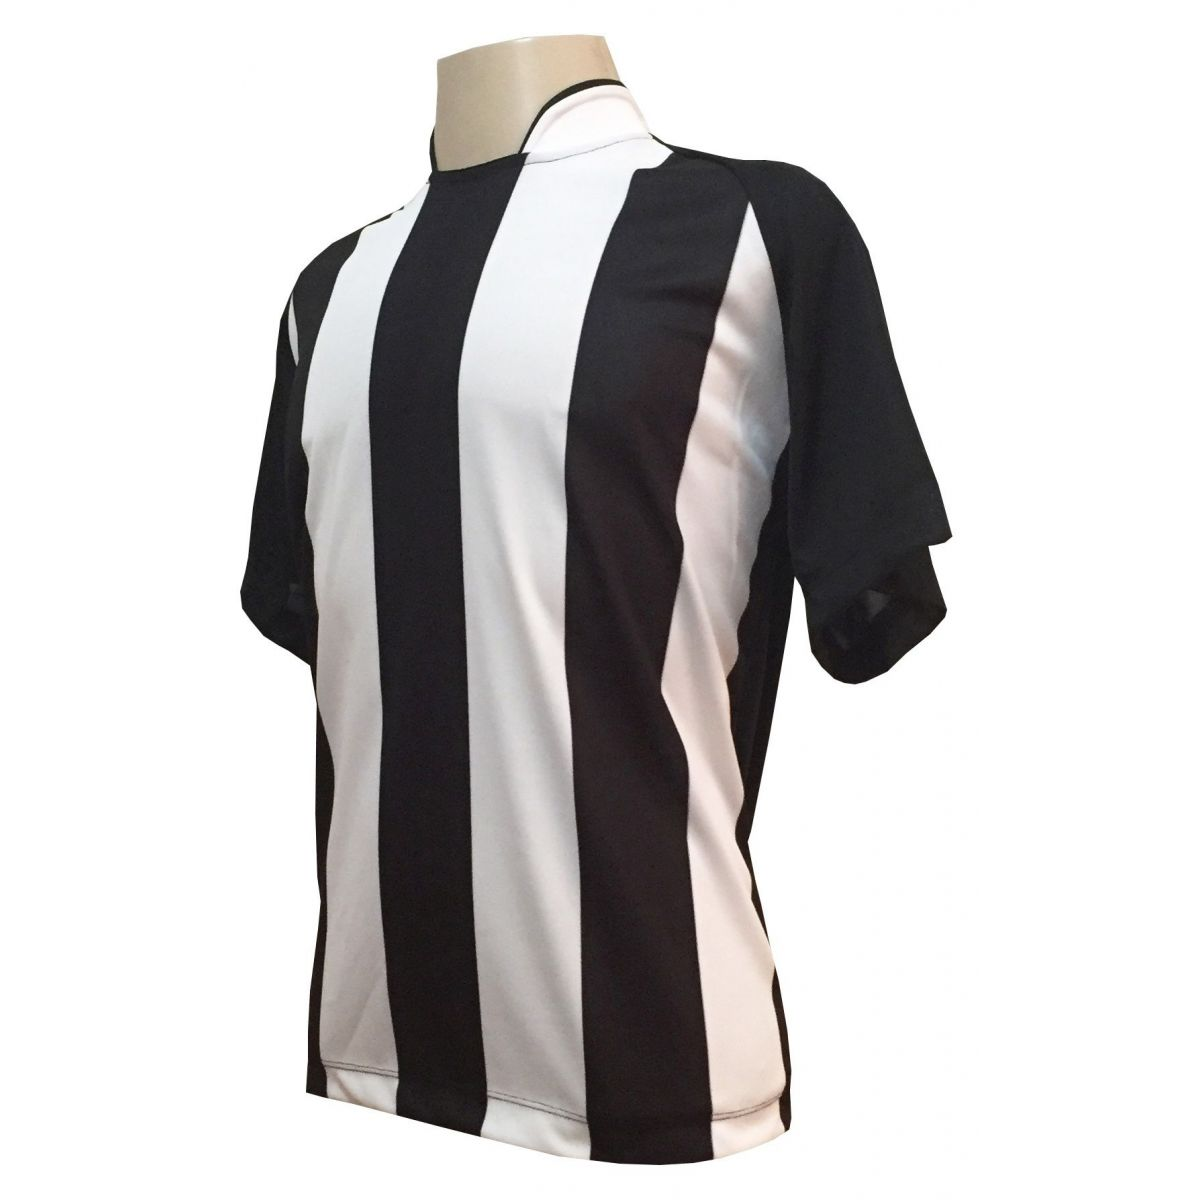 Uniforme Esportivo com 12 camisas modelo Milan Preto/Branco + 12 calções modelo Madrid Branco + Brindes